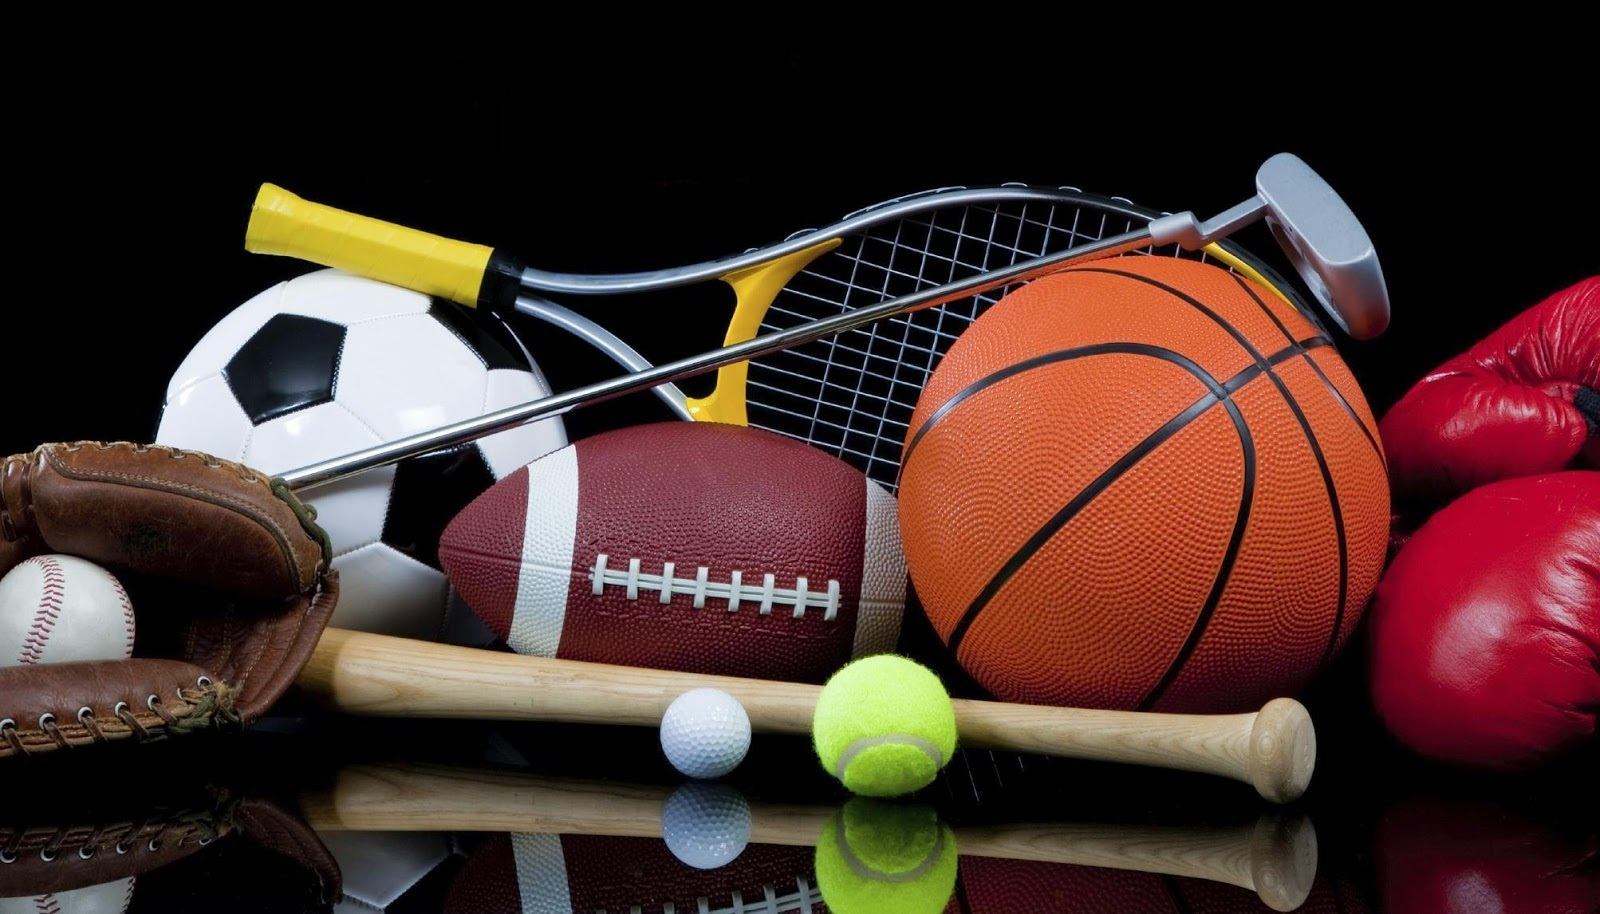 b610133122 25 Preguntas de Arte, Deporte y Entretenimiento VIII